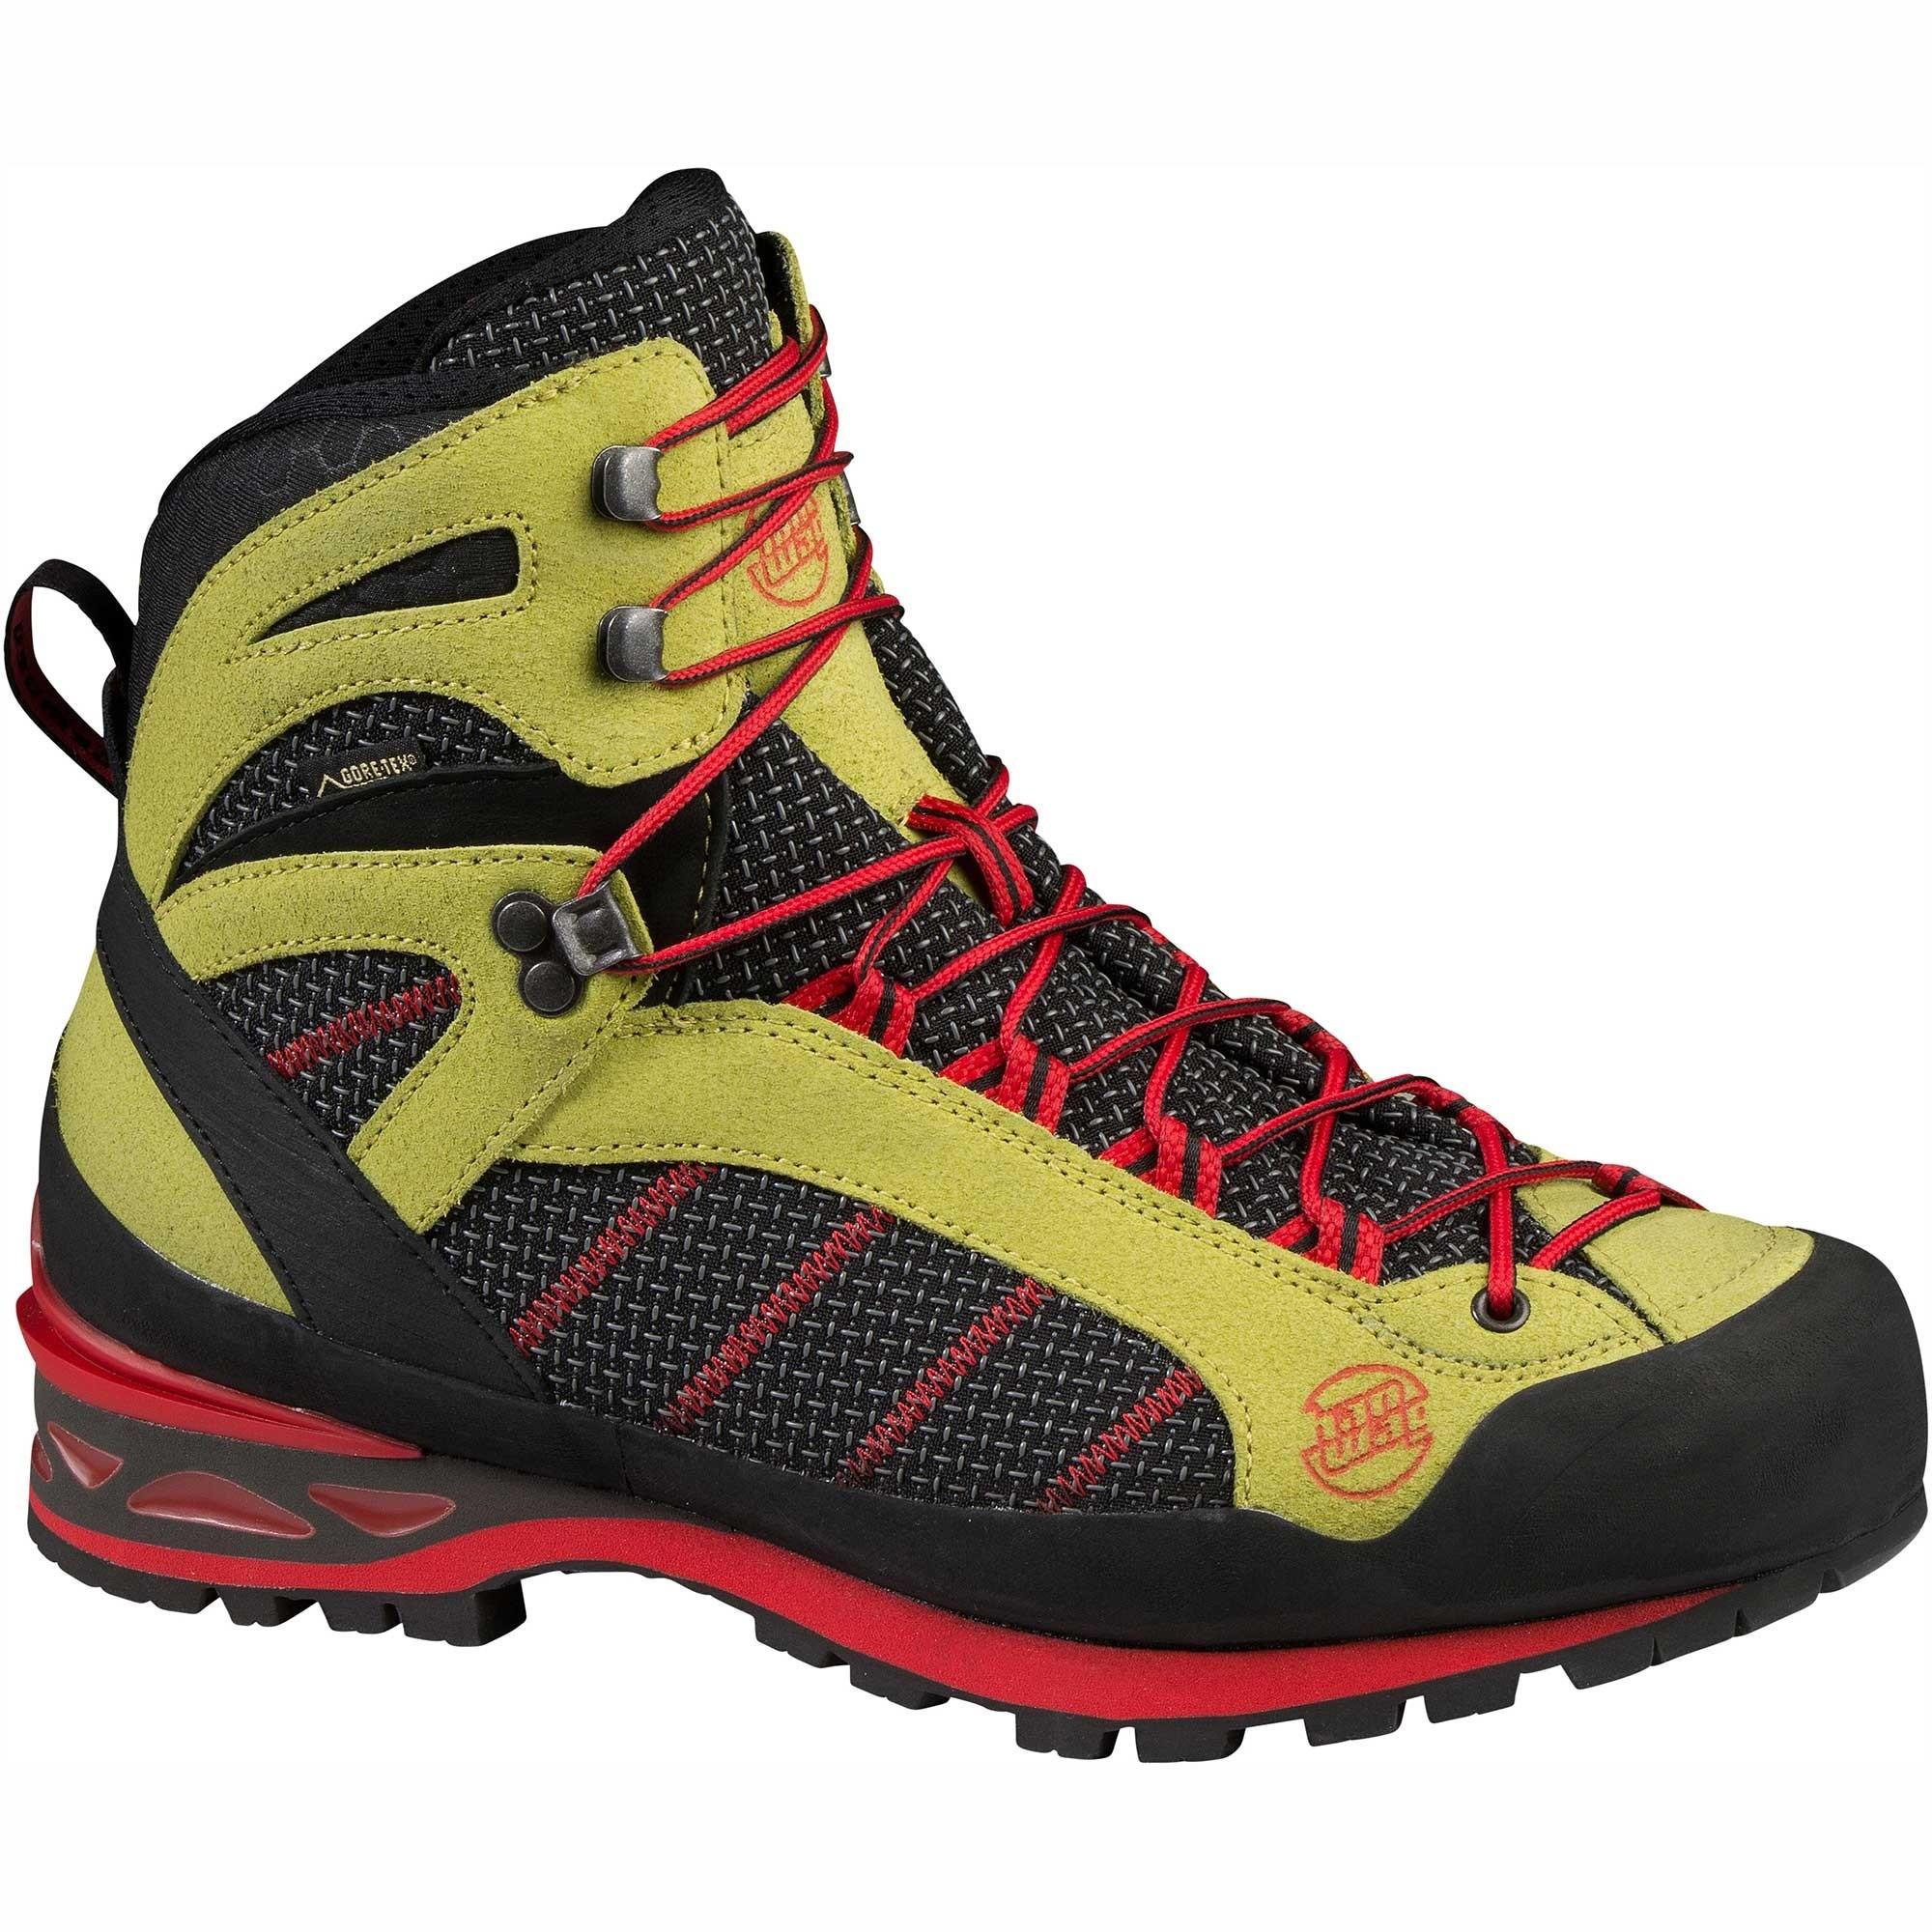 Hanwag Makra Combi GTX women's walking boots